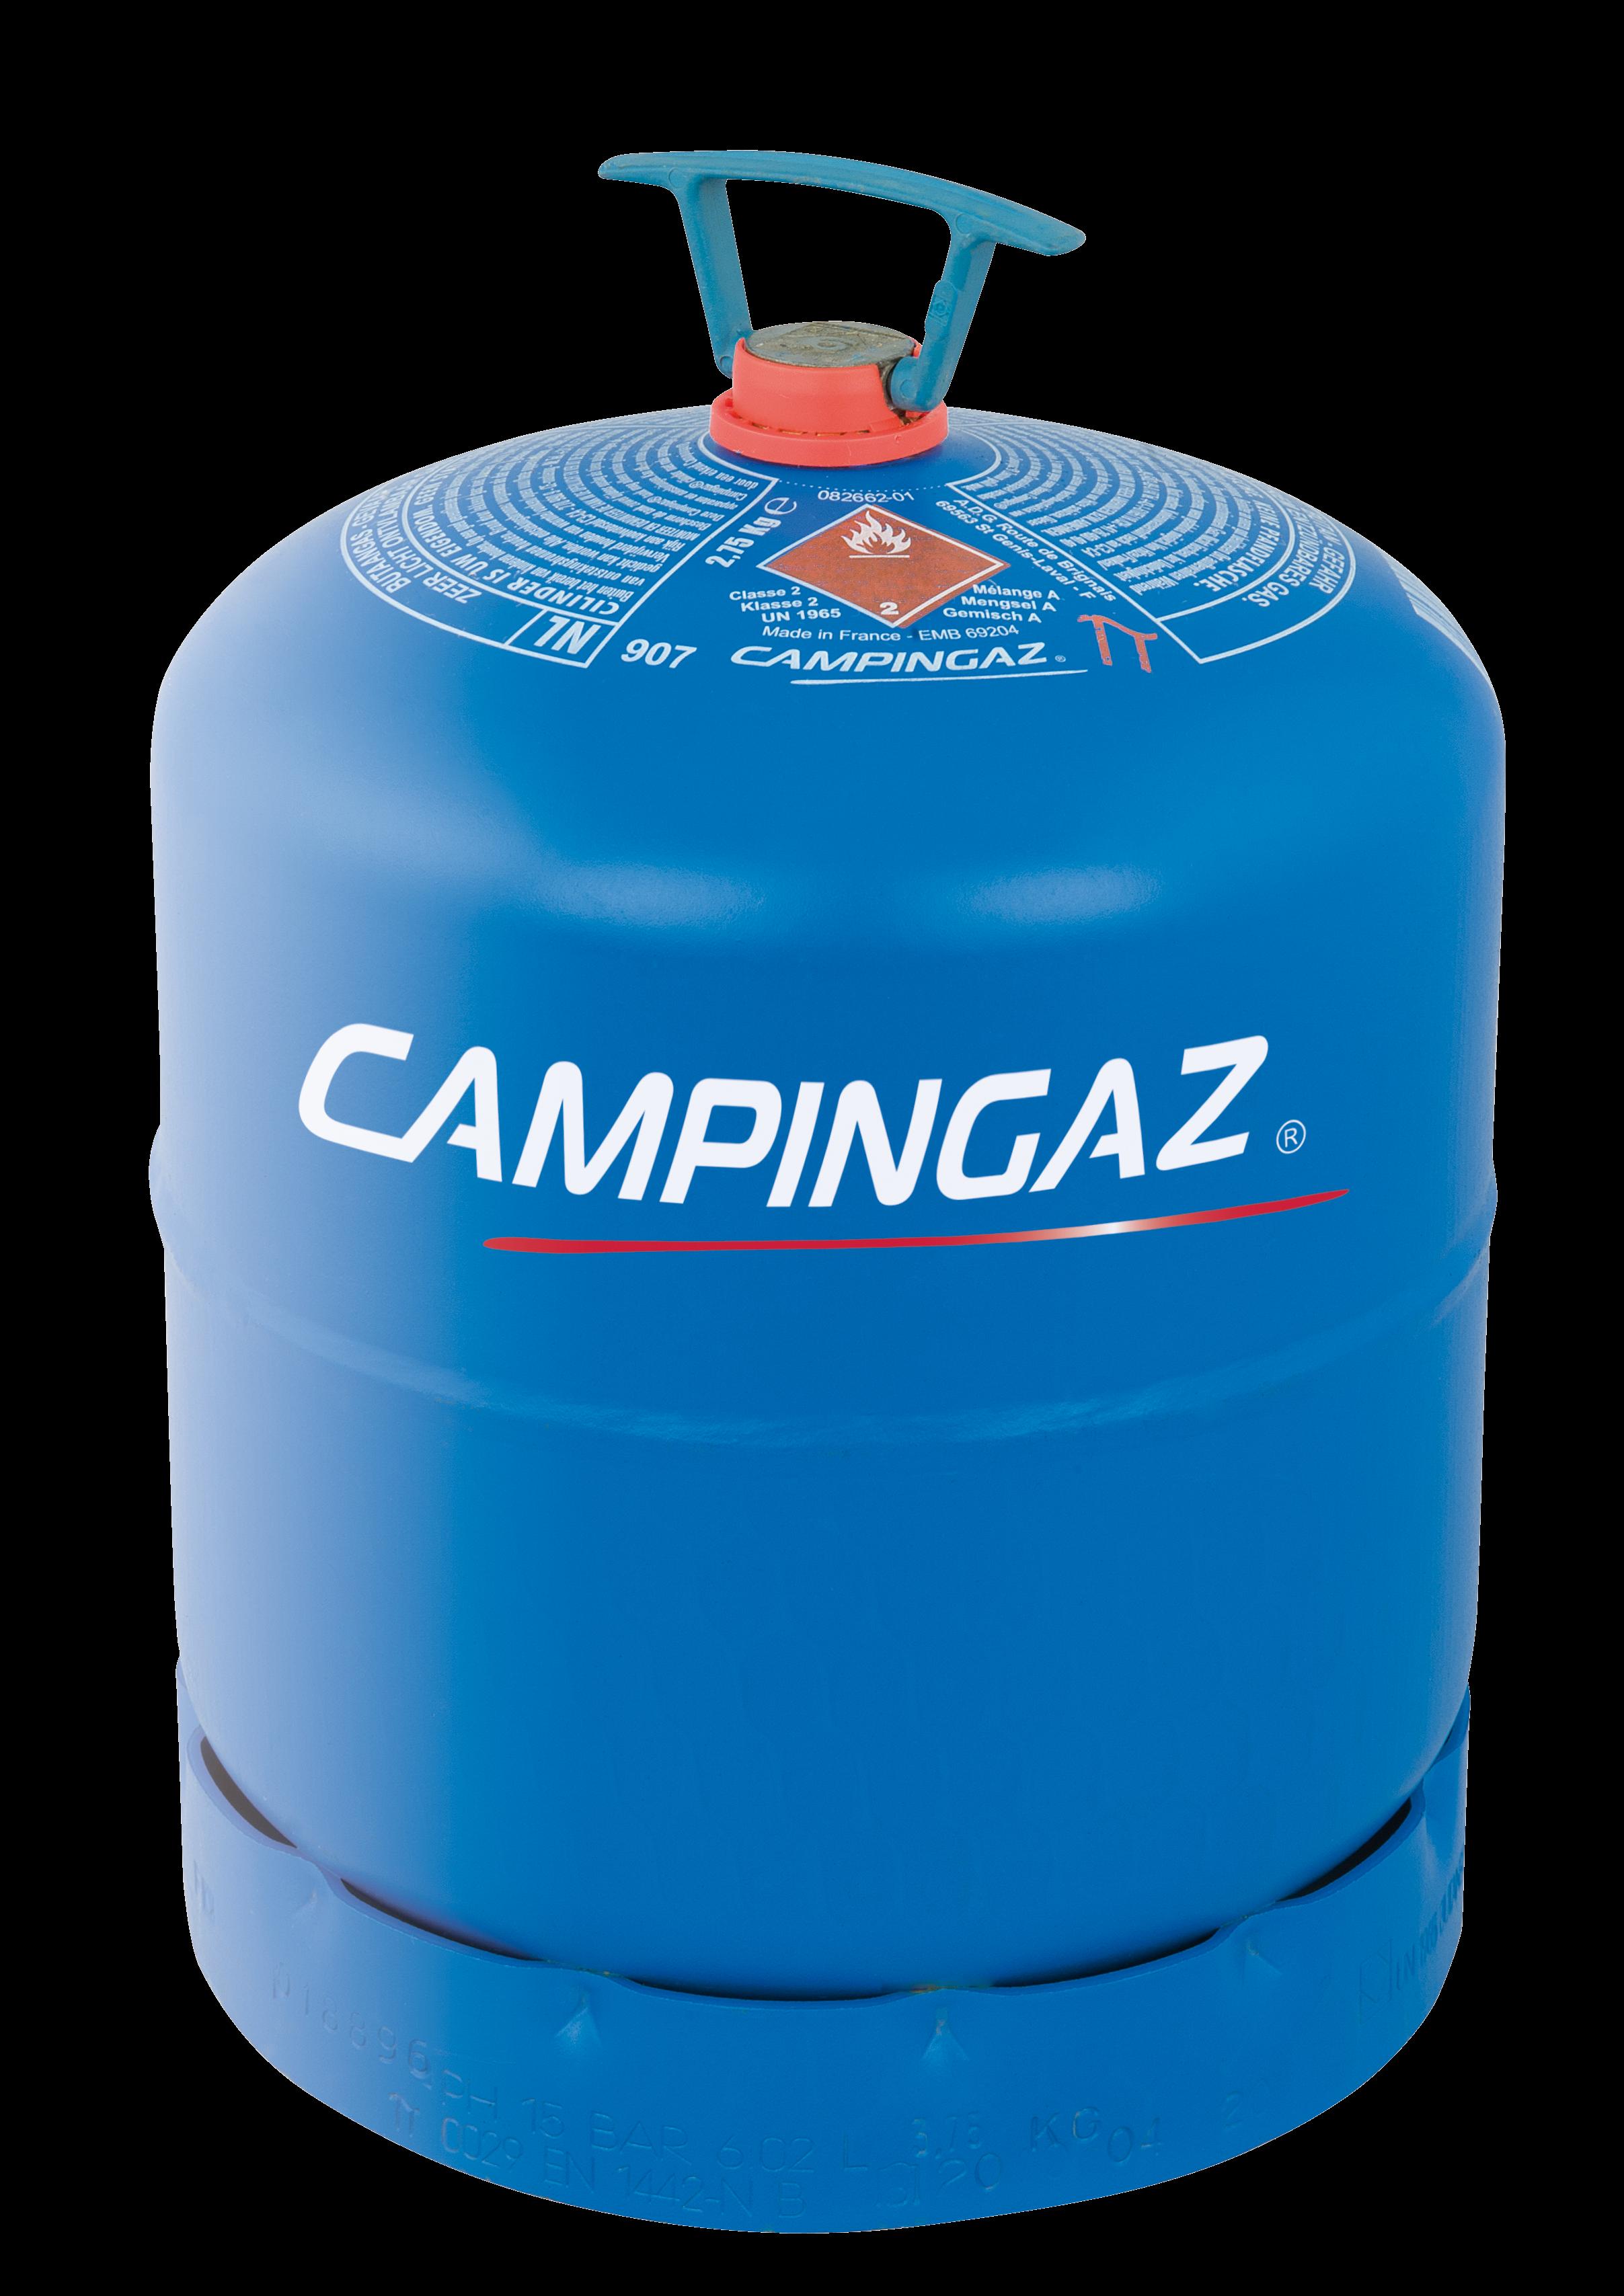 Campingaz Flasche